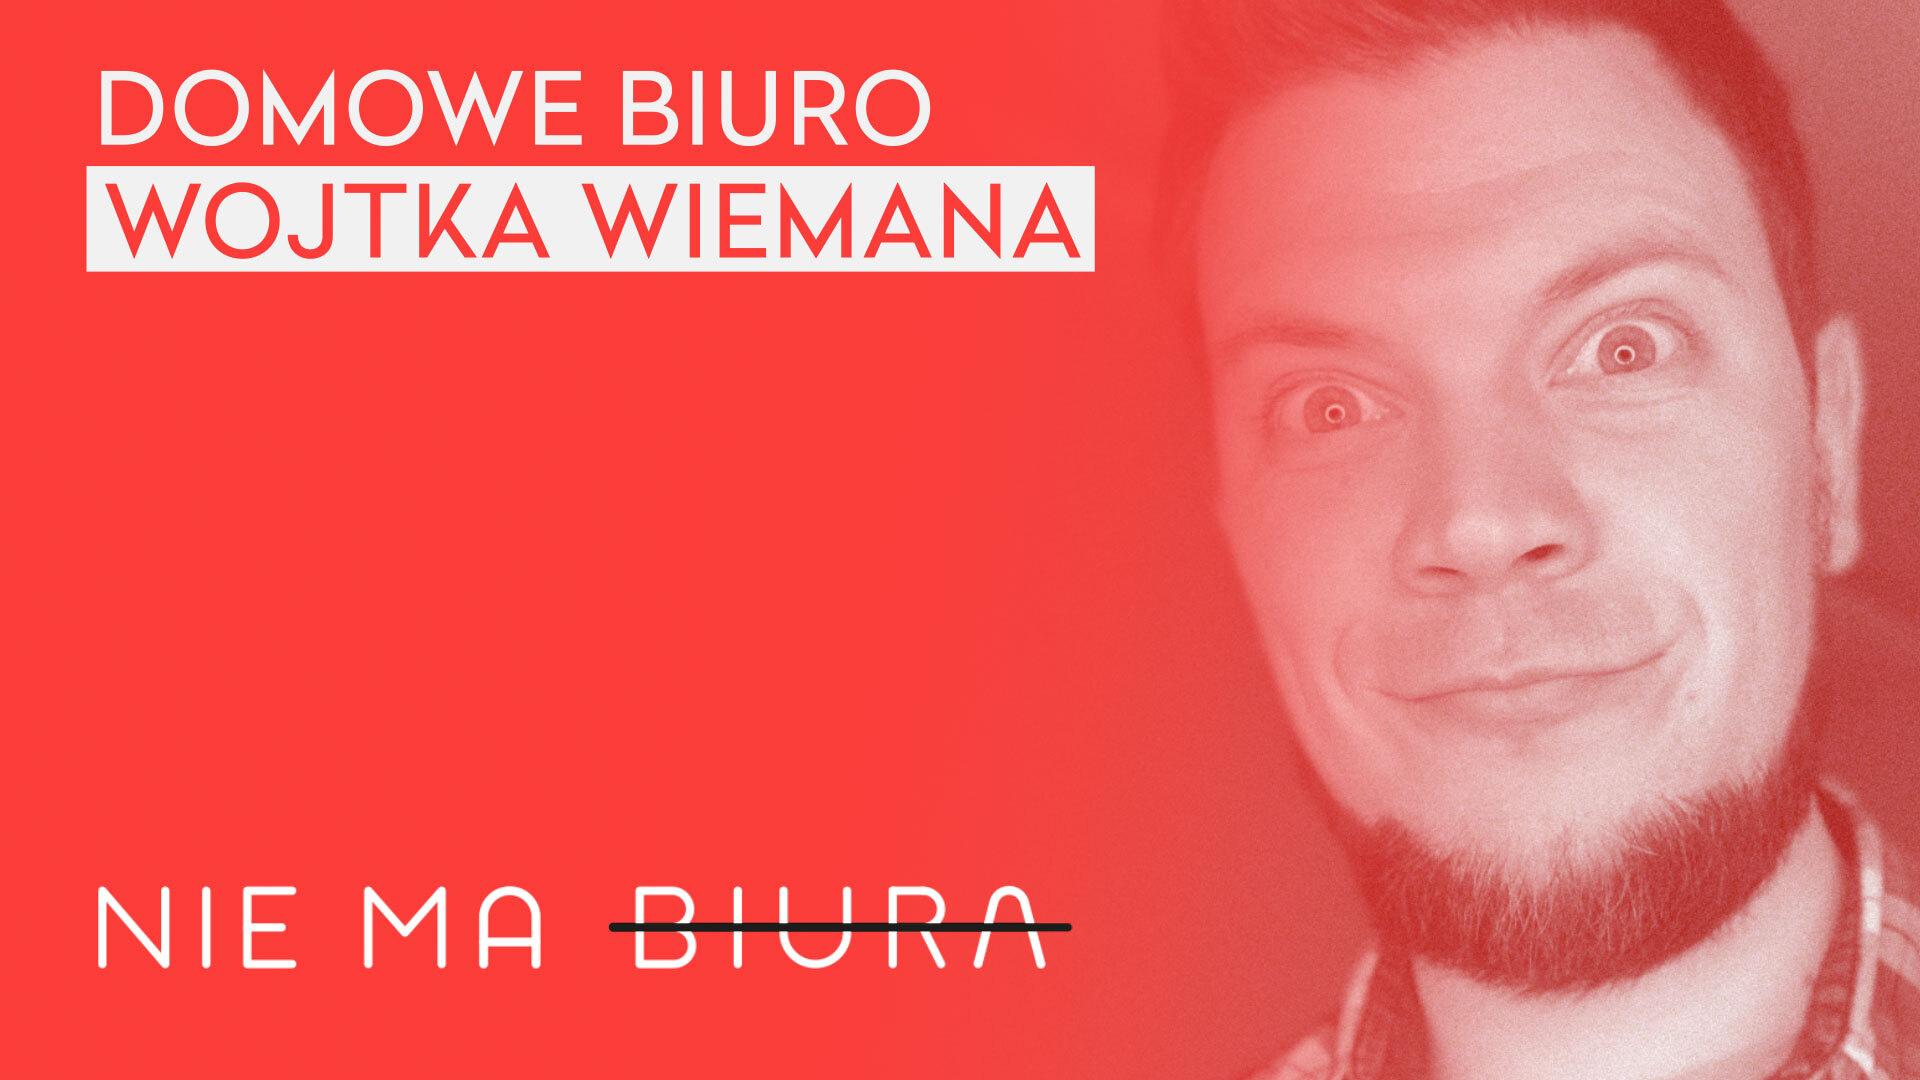 Duszne studio Wojtka Wiemana - Podcast Nie Ma Biura - praca zdalna, zarządzanie zespołem